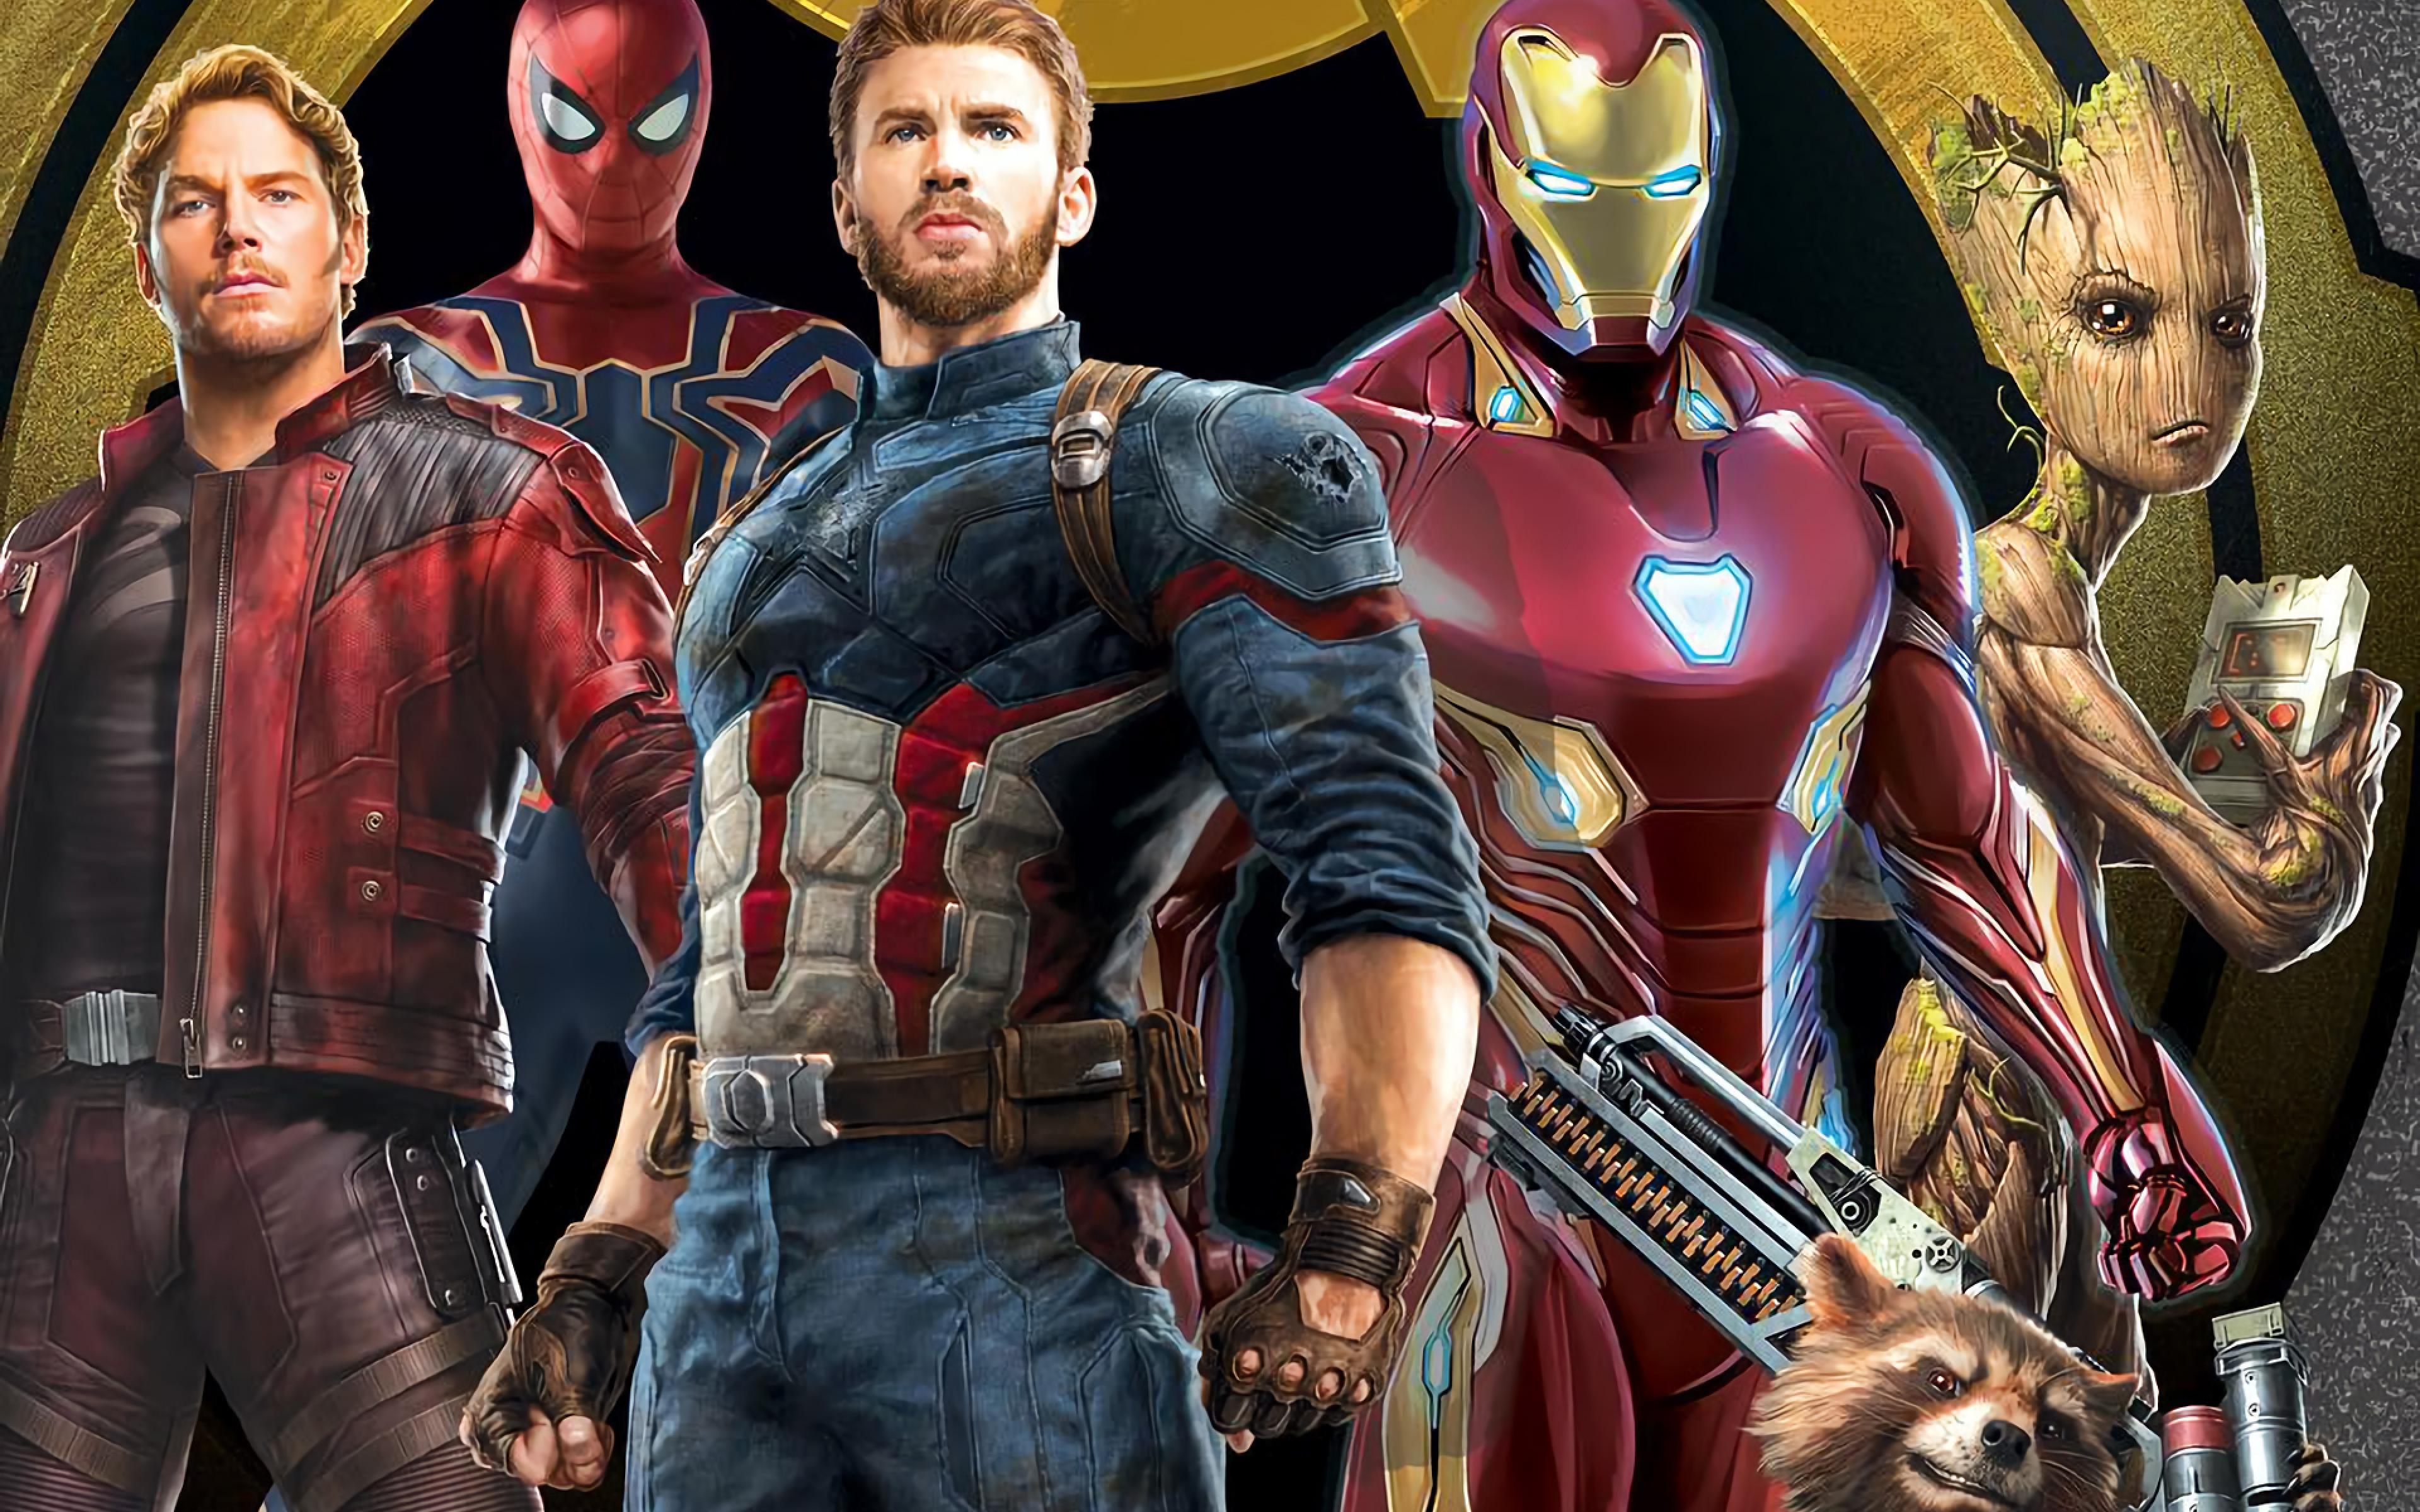 Война Бесконечности 4к, обои со мстителями на телефон, 3840 на 2400 пикселей